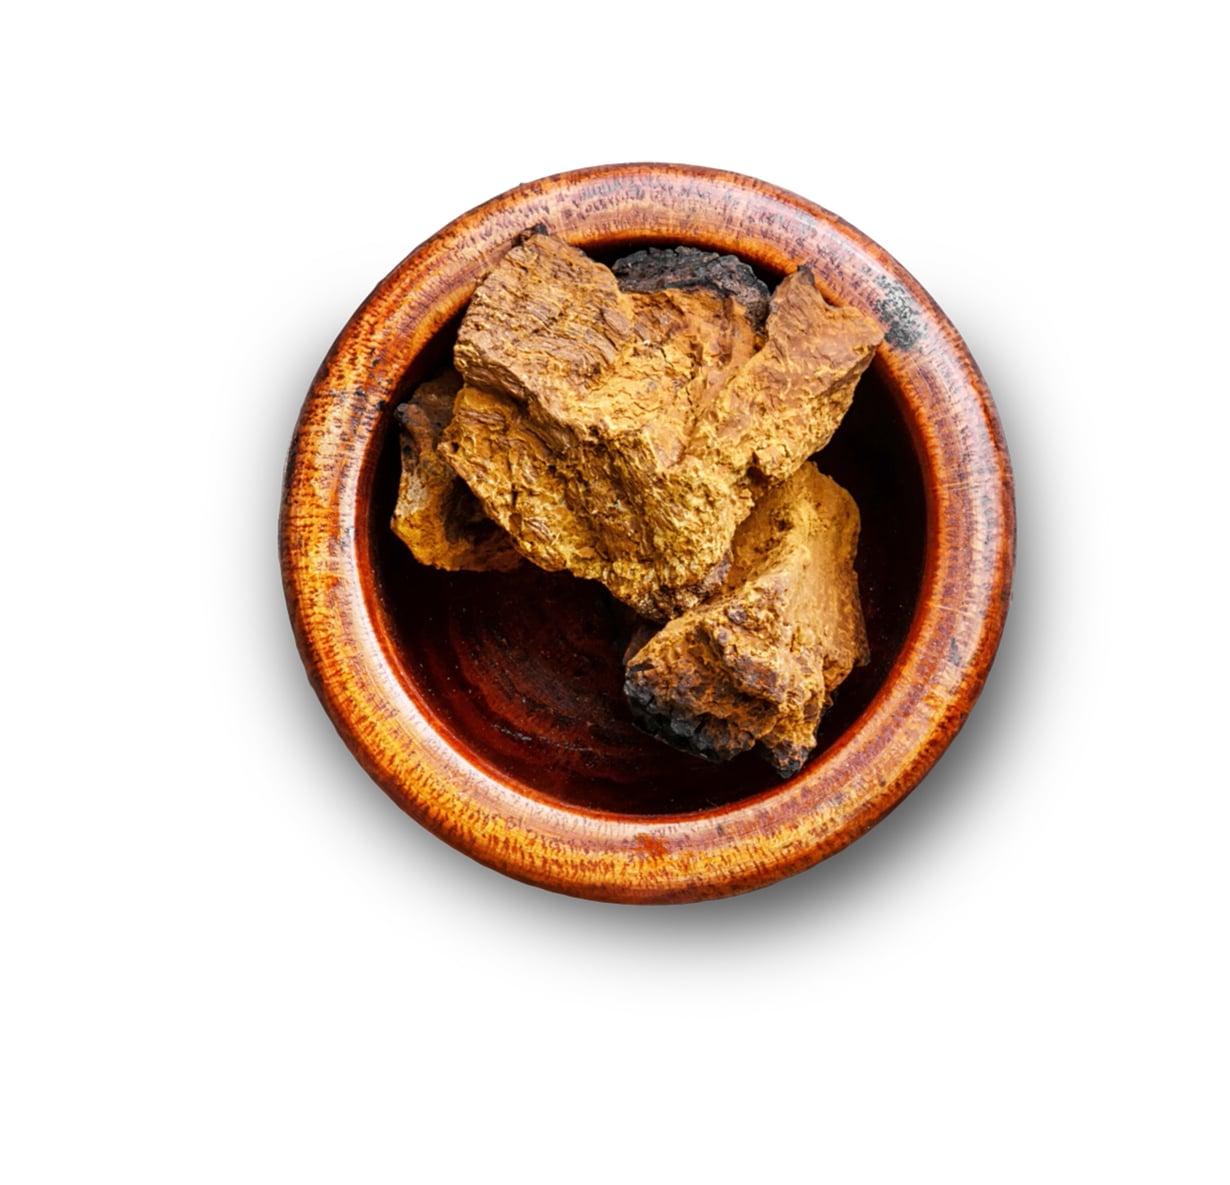 Pakurikääpä on lehtipuissa kasvava sieni. Kuivatusta käävästä tehtyä jauhetta käytetään juomien valmistamiseen.